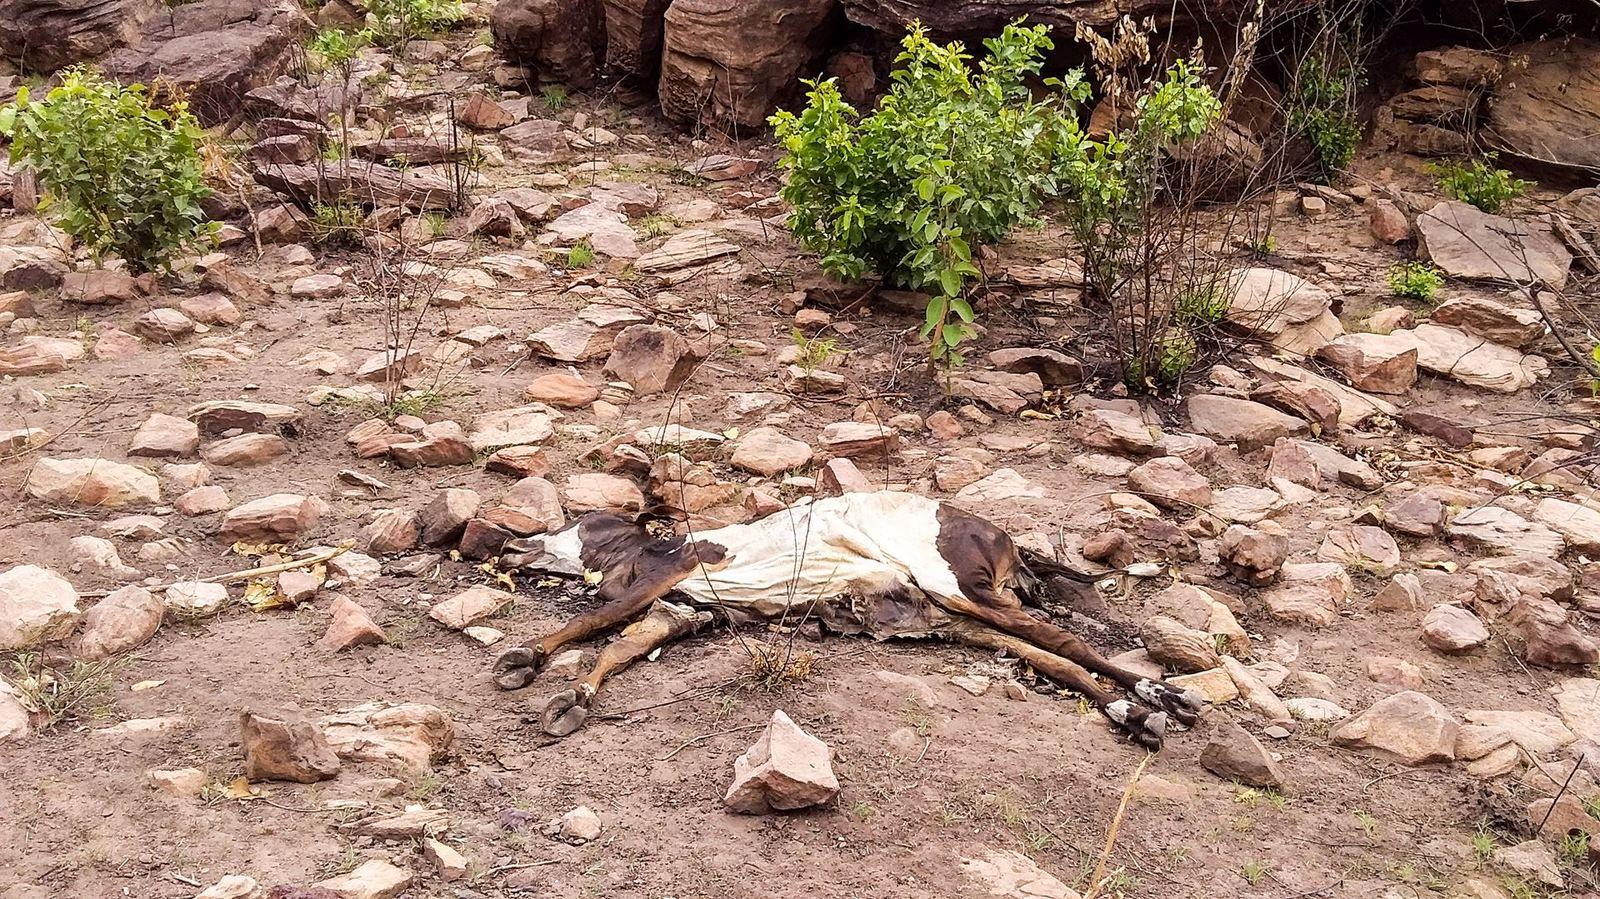 Premier veau : Trouvé en bas de la colline. J'ai alors pensé qu'il avait été victime d'un accident ou d'une morsure de serpent. A noter qu'il est entier et ne semble pas avoir été dévoré par des prédateurs. Le second veau mort a été trouvé à quelques mètres.